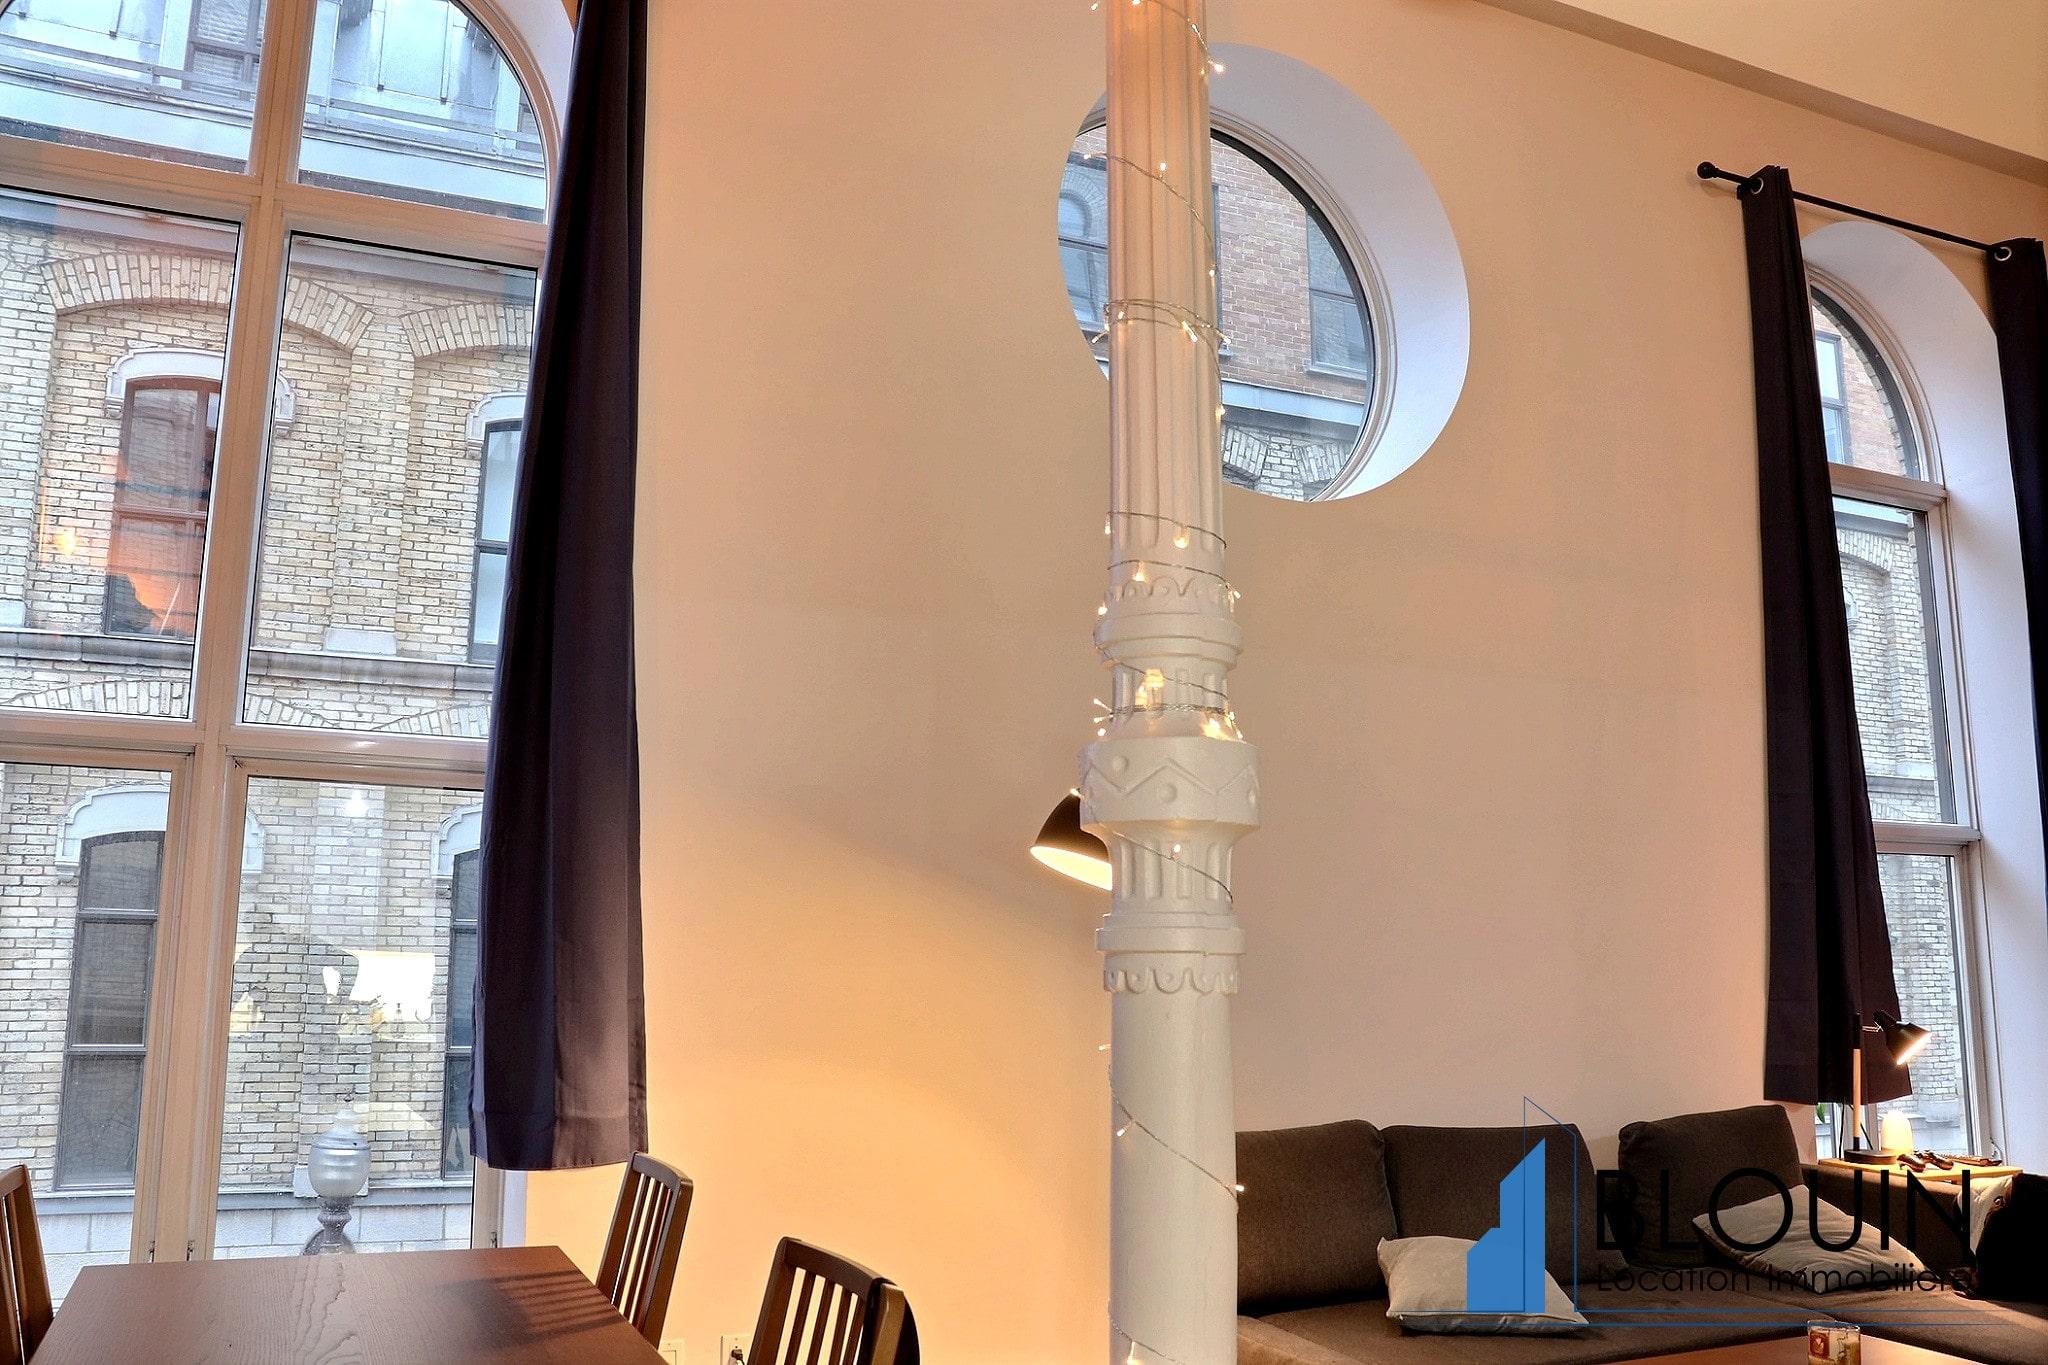 Photo 6 : Magnifique 3 ½ sur 2 étages, à St-Roch, libre pour Novembre, Semi-meublée